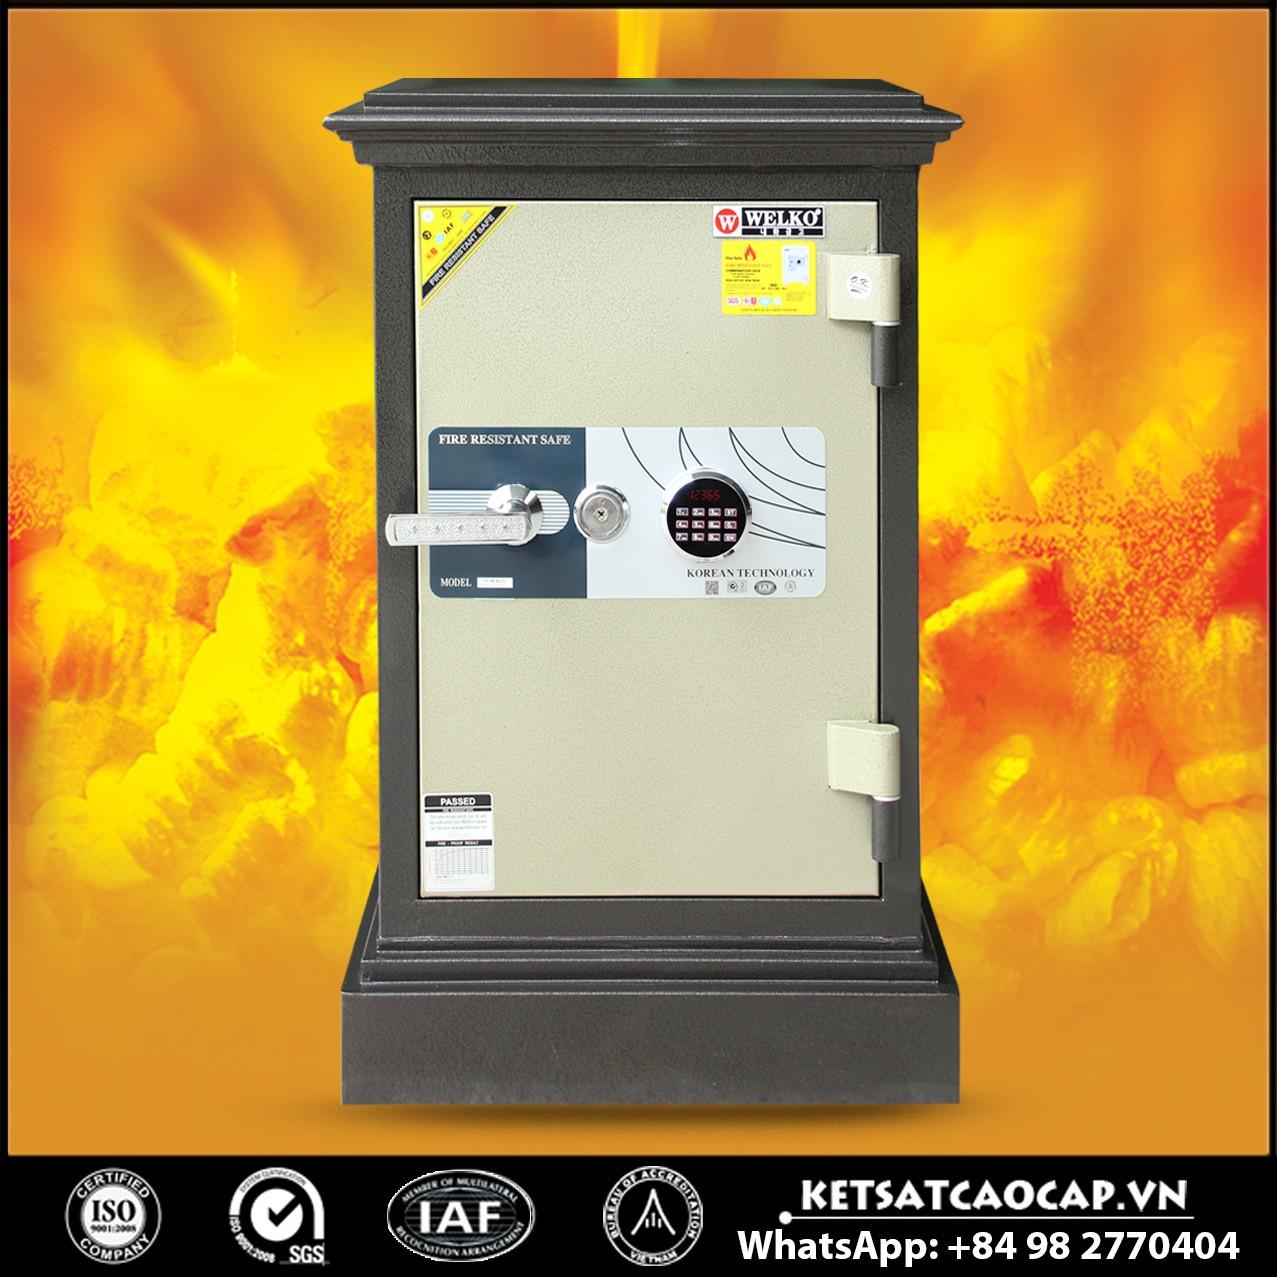 Két Sắt Thép Tấm Siêu Cường WELKO X740 - LED Tròn